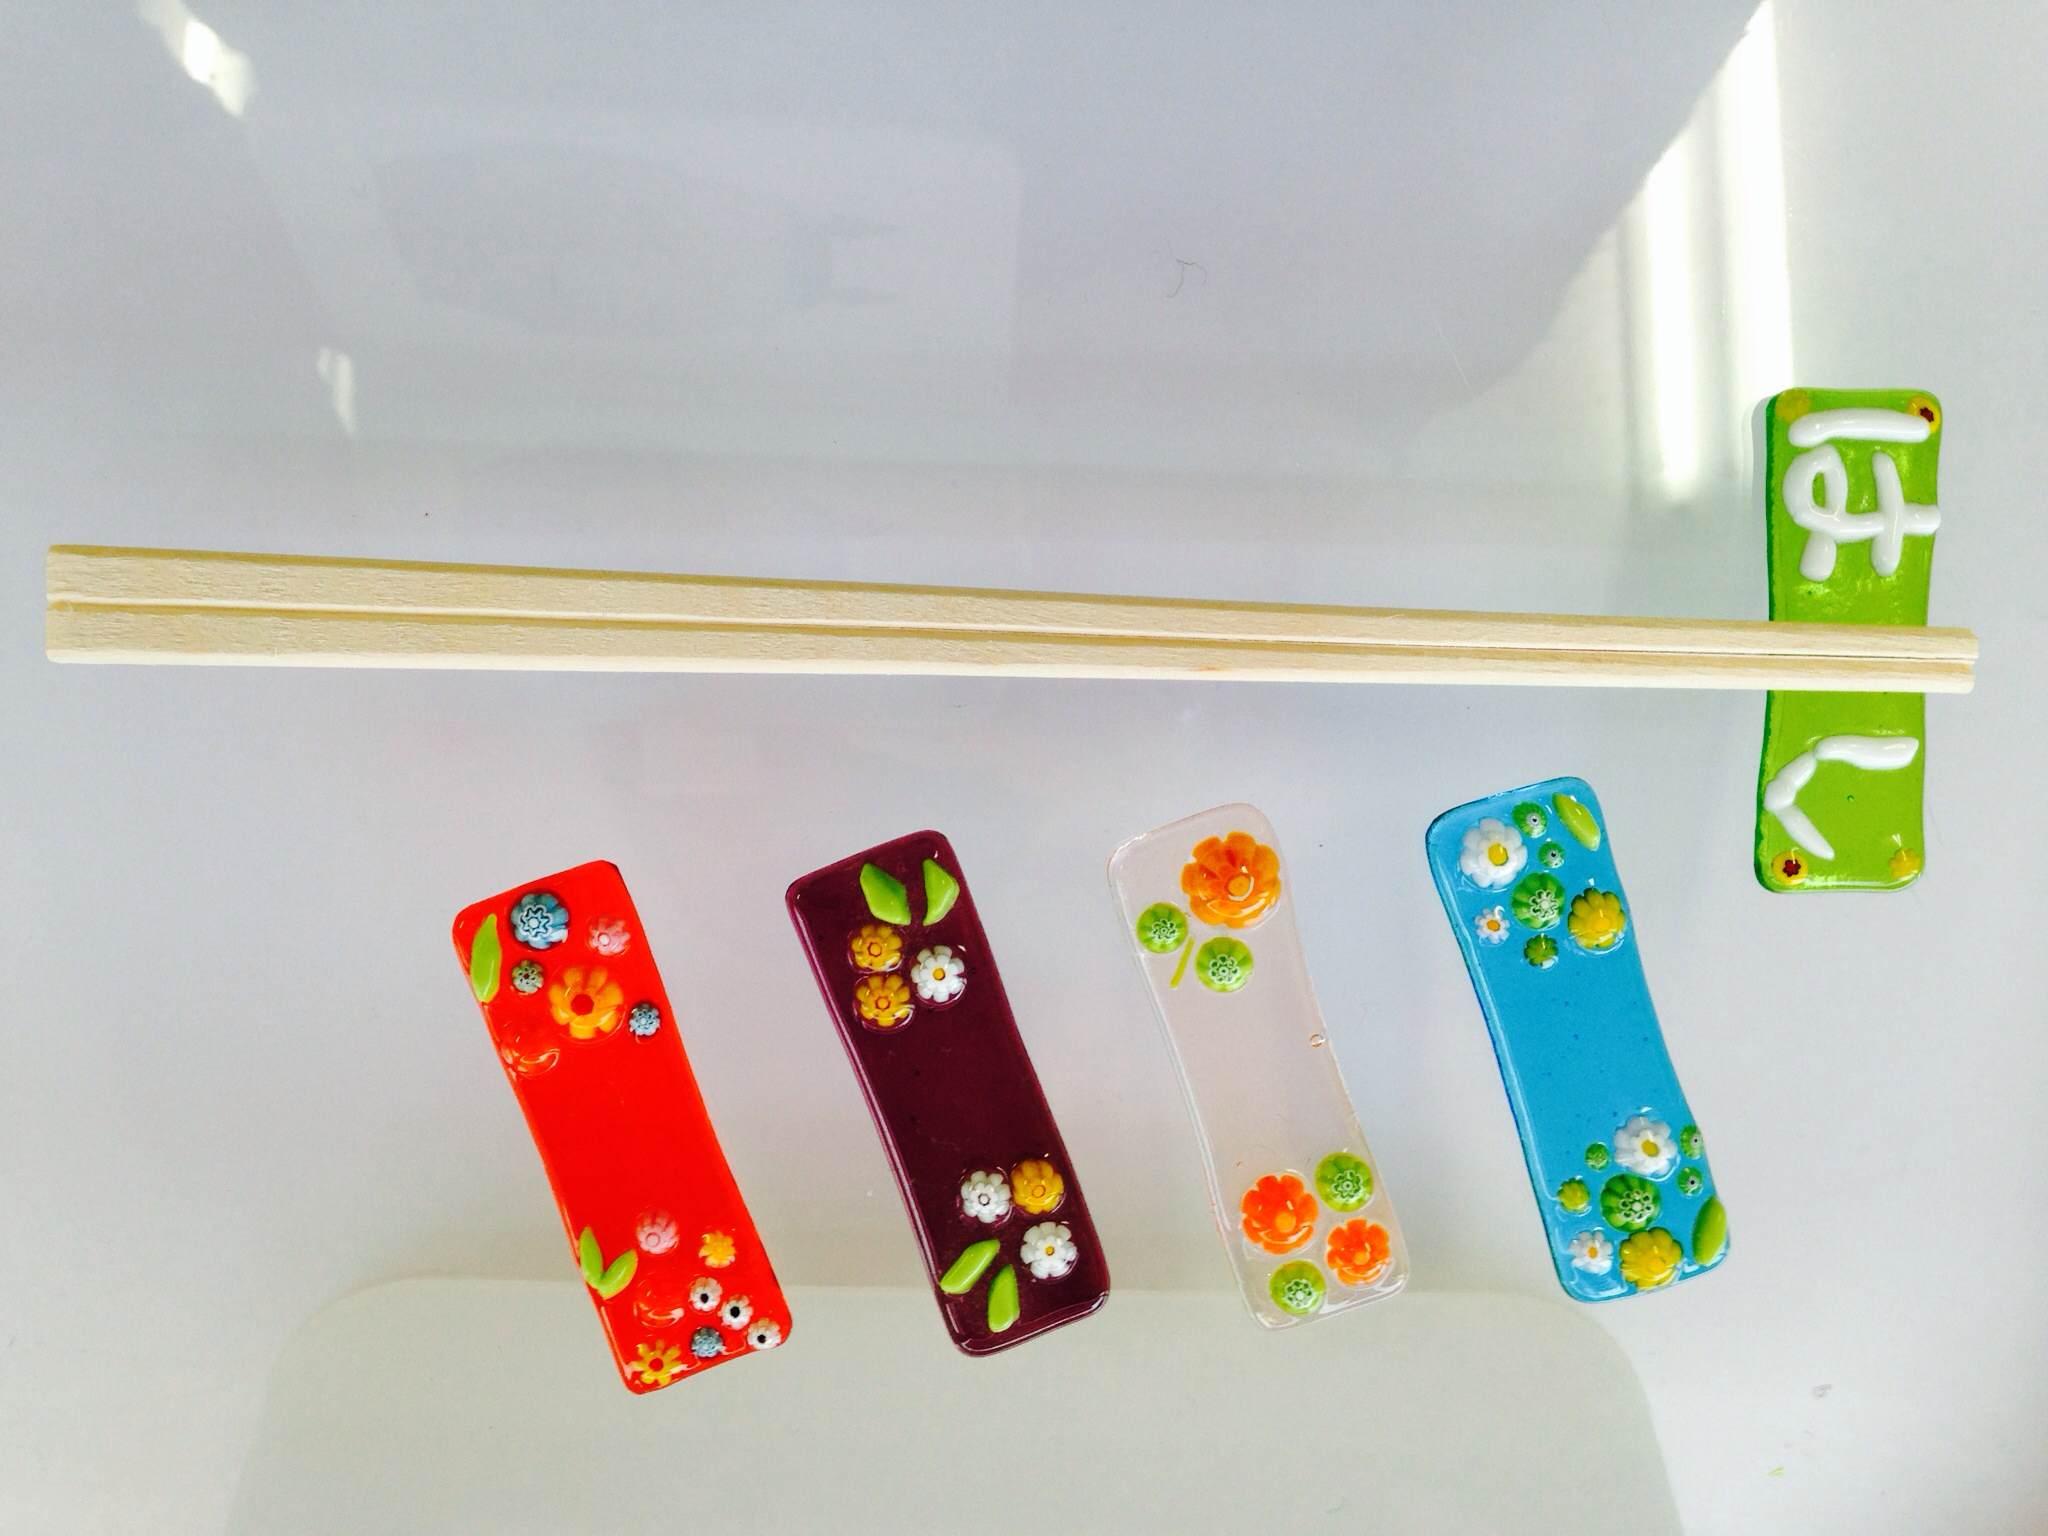 【ガラス細工・お箸置き作り】食卓を彩るお箸置き作り体験♪2歳以上~OK